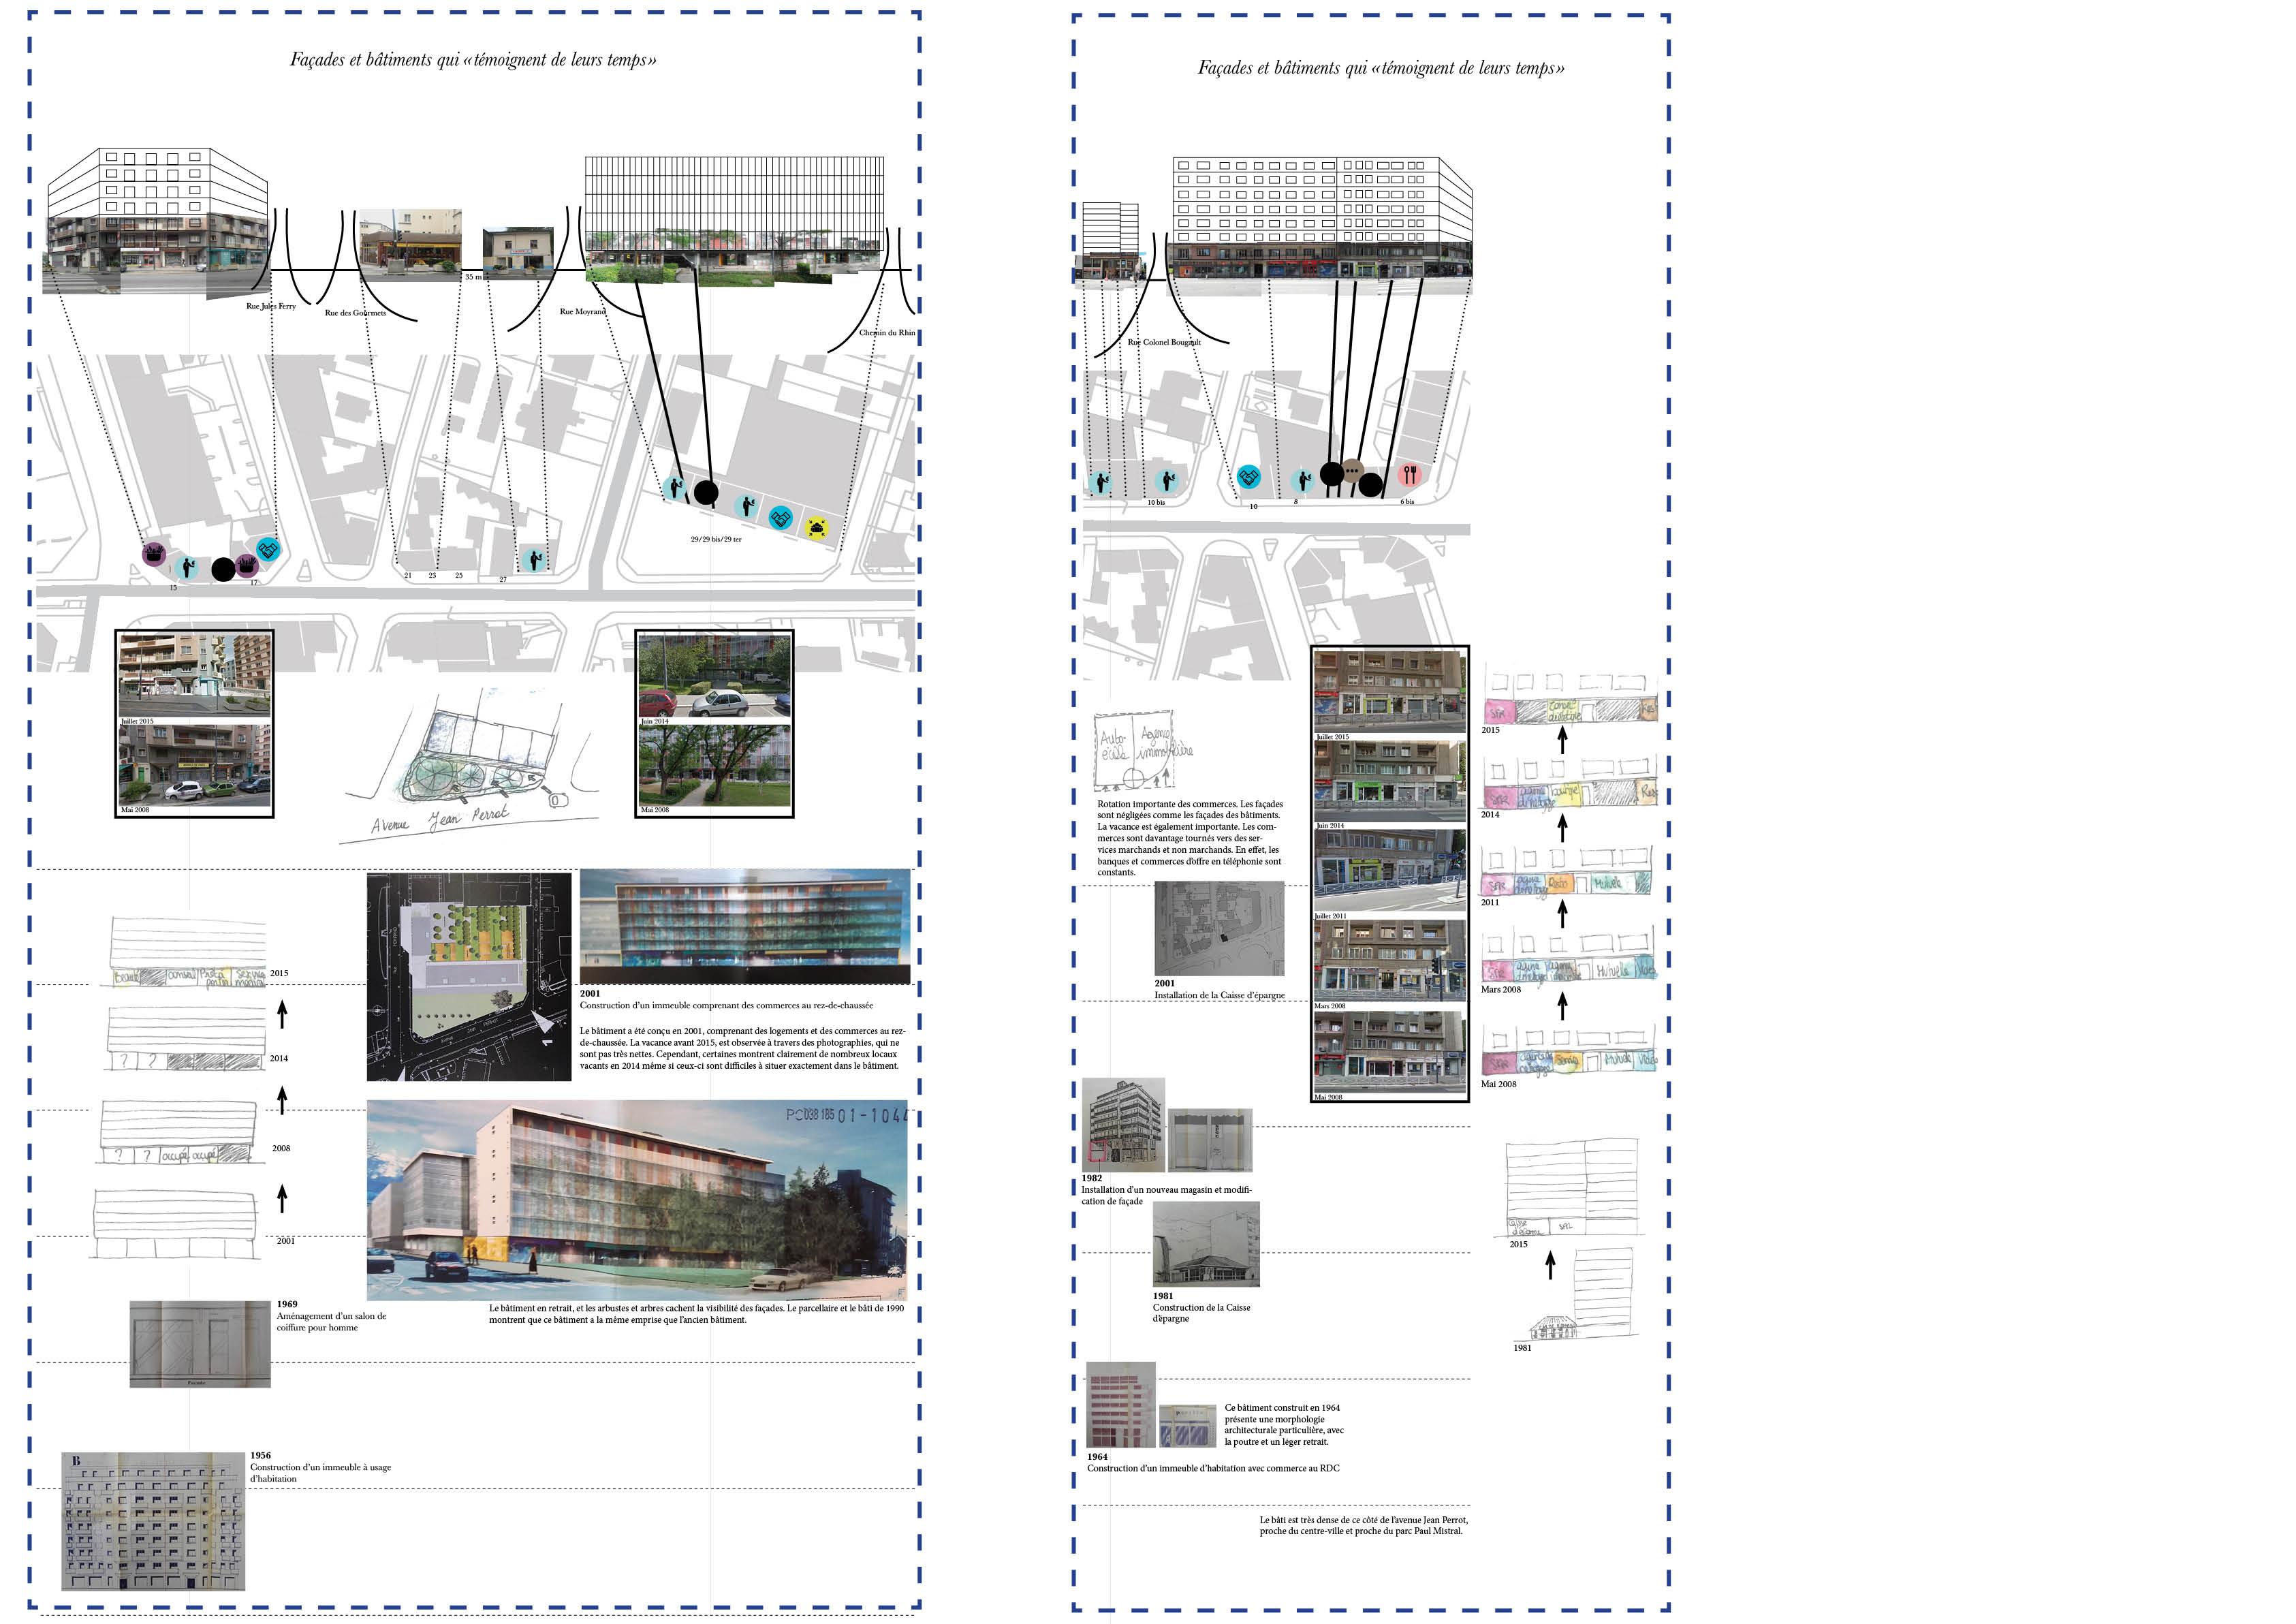 Figure 7 : Les bâtiments et façades «témoignent de leur temps» - Elodie Lamothe – Sources : cadastre.gouv.fr, Archives de Grenoble et Google Map